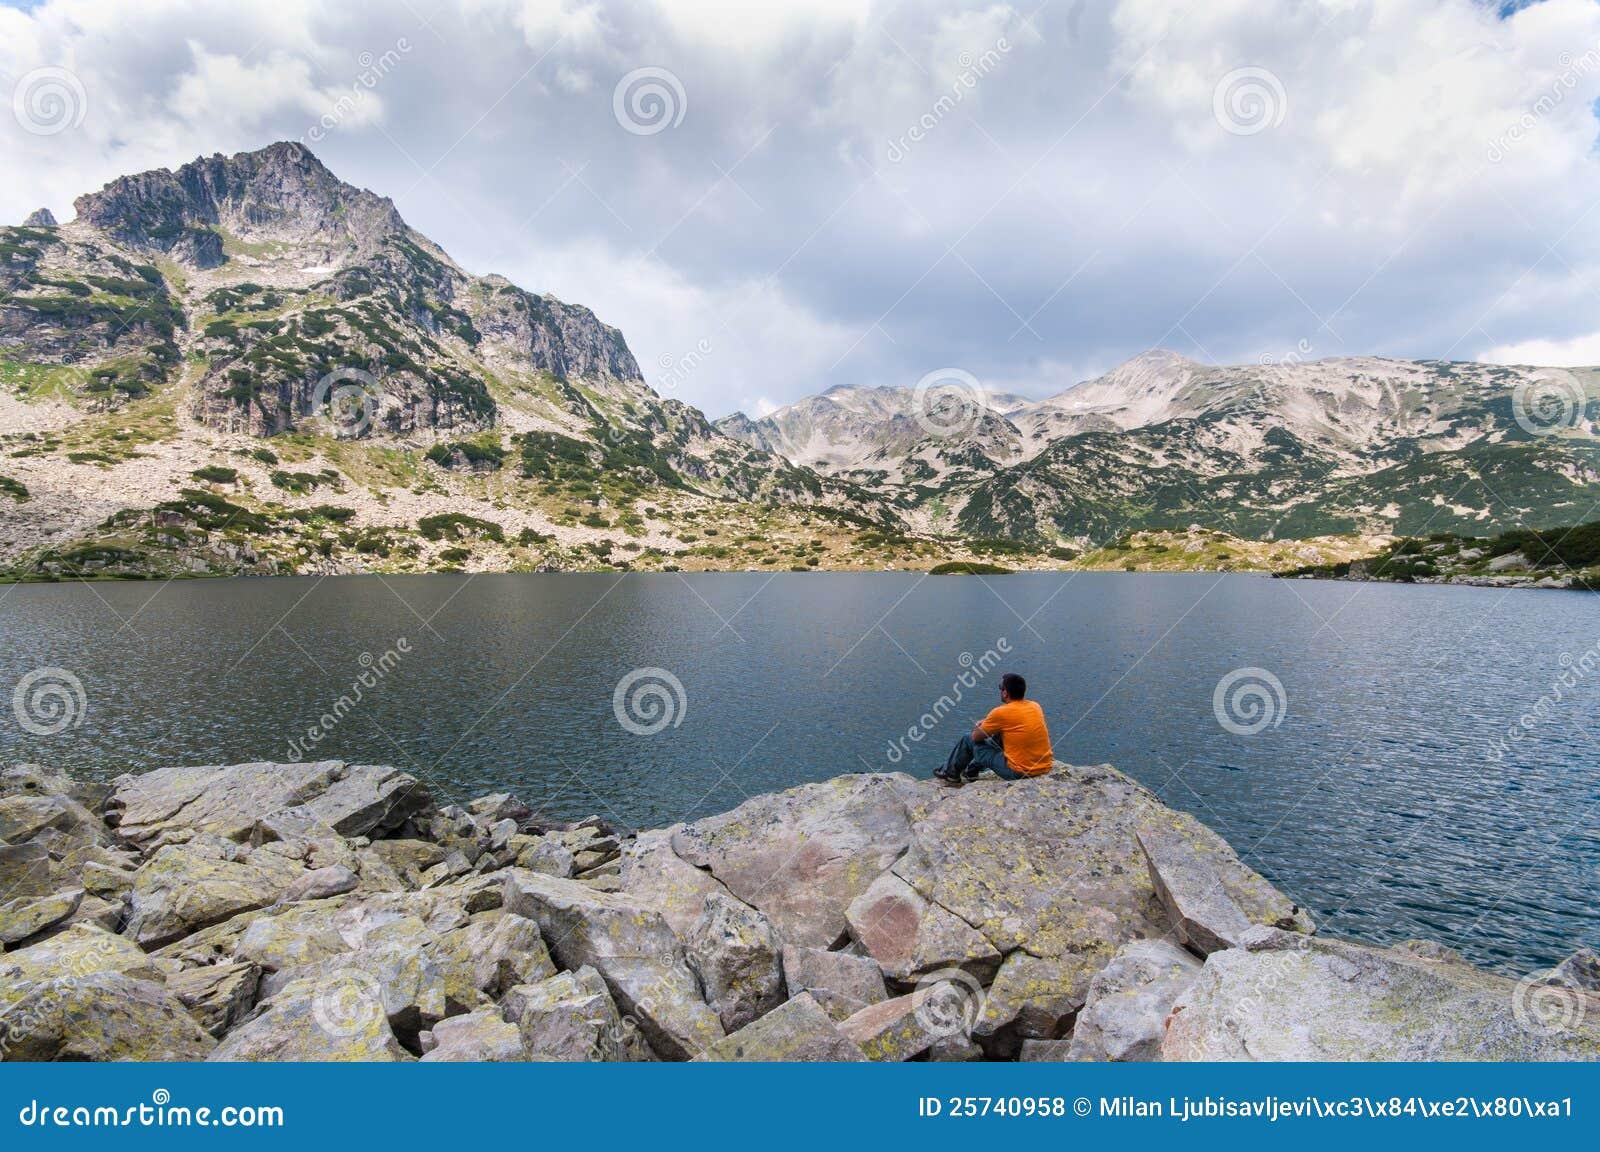 Man Relaxing on Lake